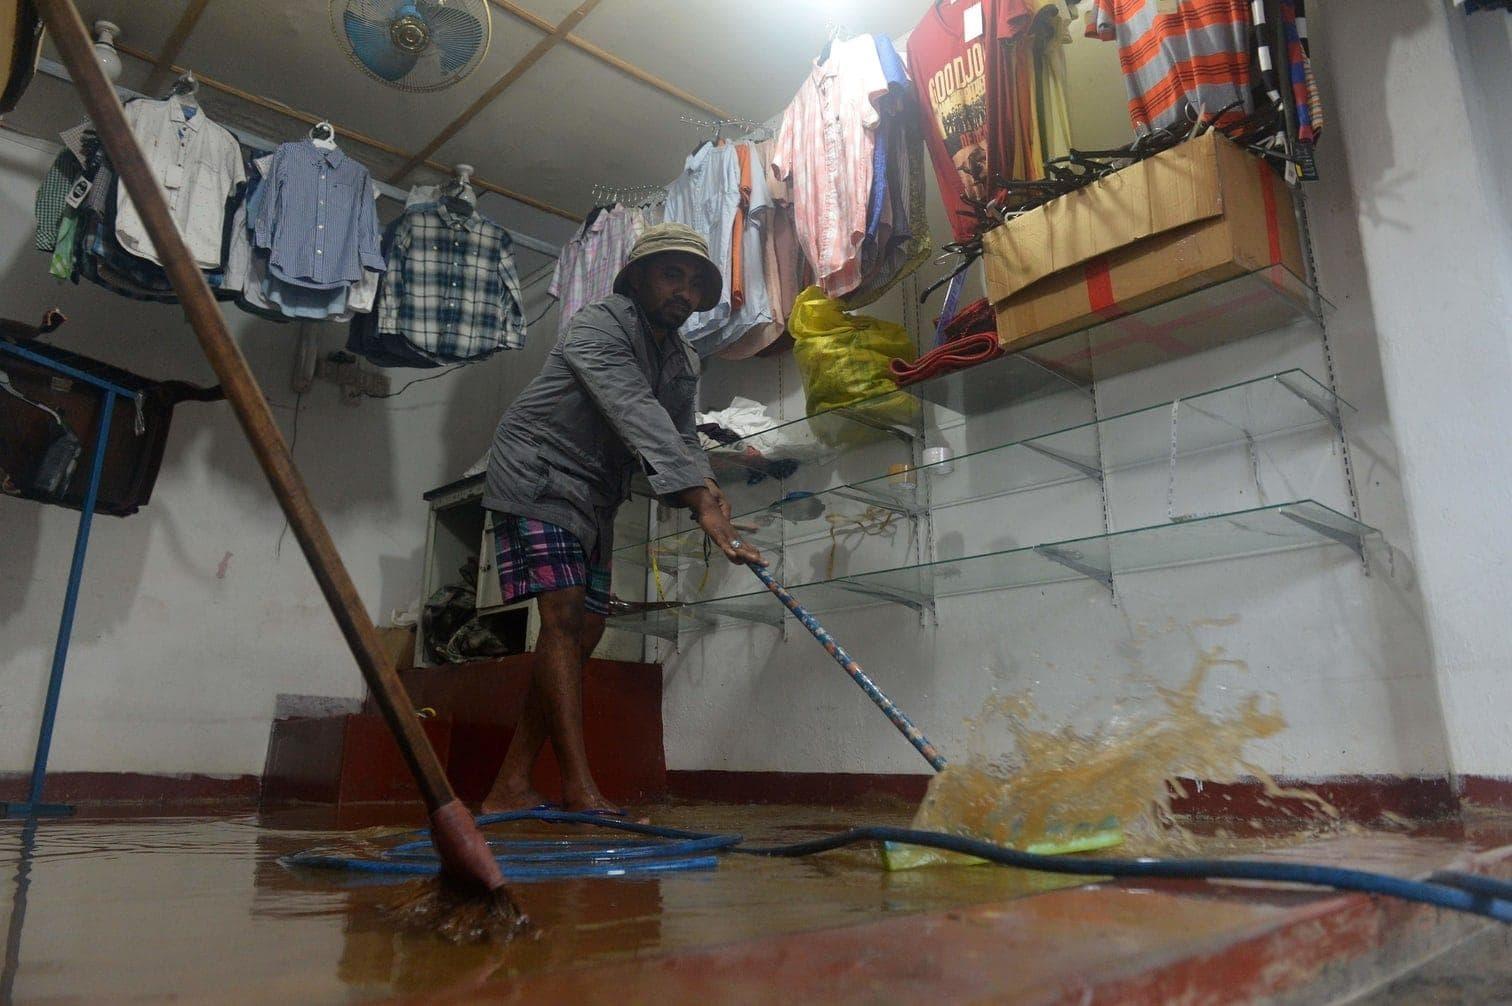 Erdrutschen und Blitzeinschlägen gestorben. Mehr als 100.000 Menschen waren nach Angaben der Behörde betroffen. Davon mussten 12 000 ihr Zuhause verlassen. In einigen Gegenden wurden die Schulen geschlossen.</p> Foto: dpa